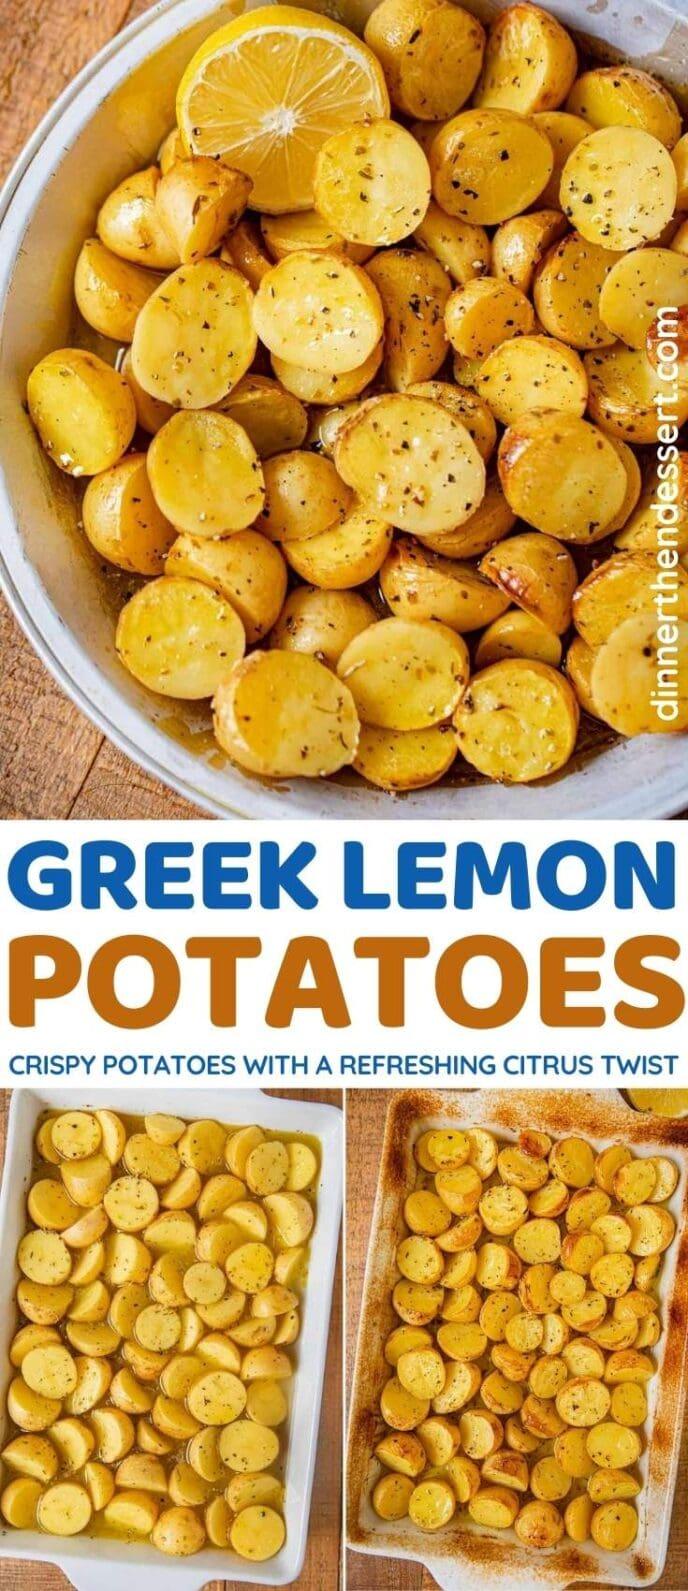 Greek Lemon Potatoes collage